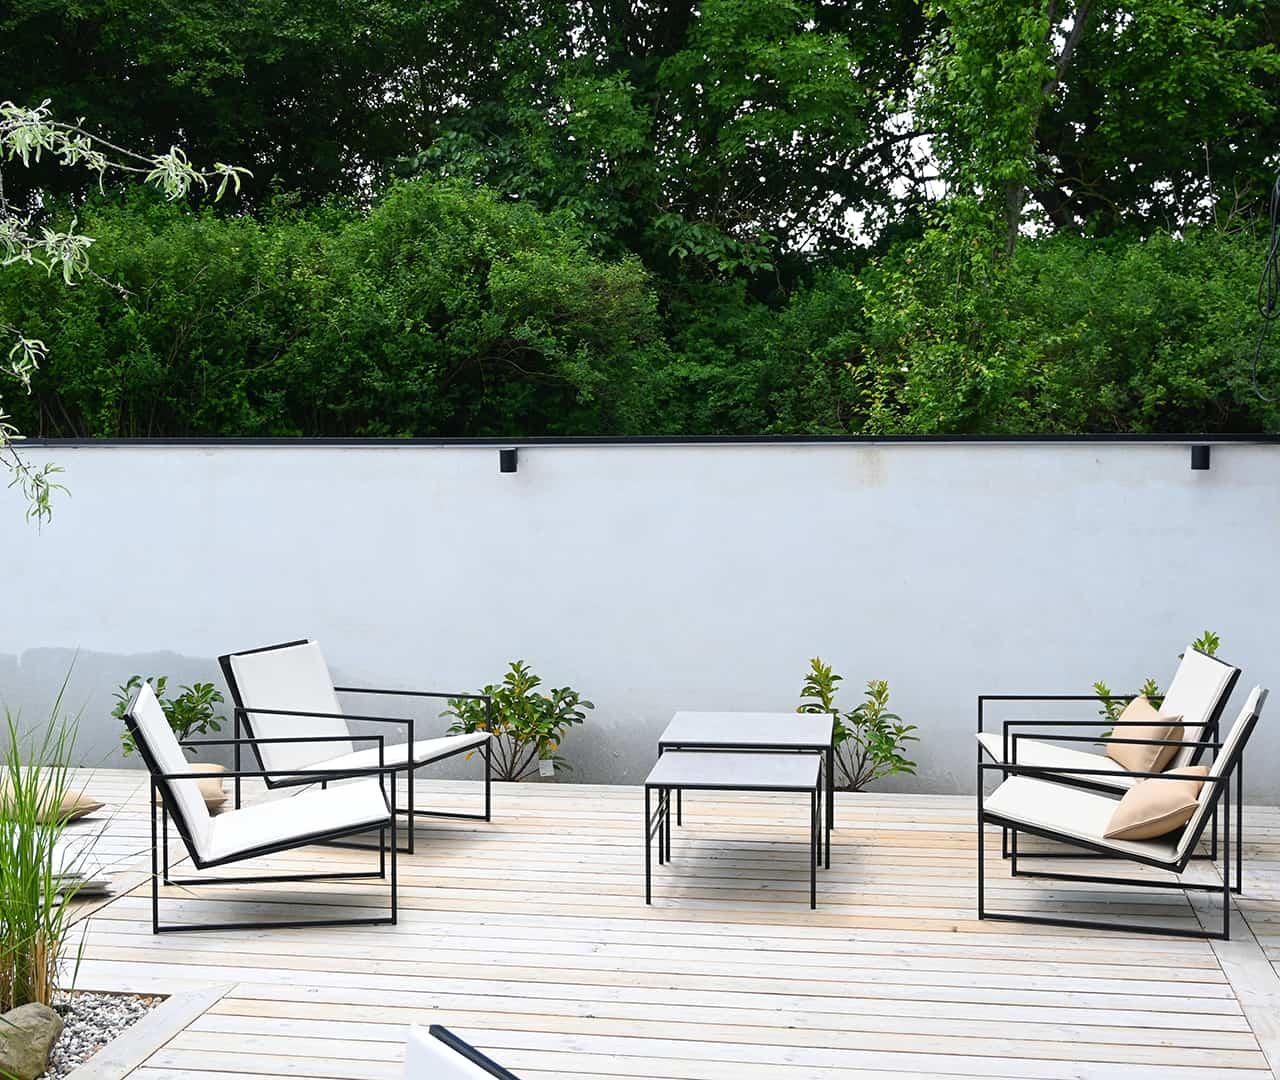 Gartenmöbel Outdoor-Stuhl Stuhl für draußen Esszimmerstuhl draußen Esszimmerstuhl im Freien Sofa im Freien Outdoor-Lounge